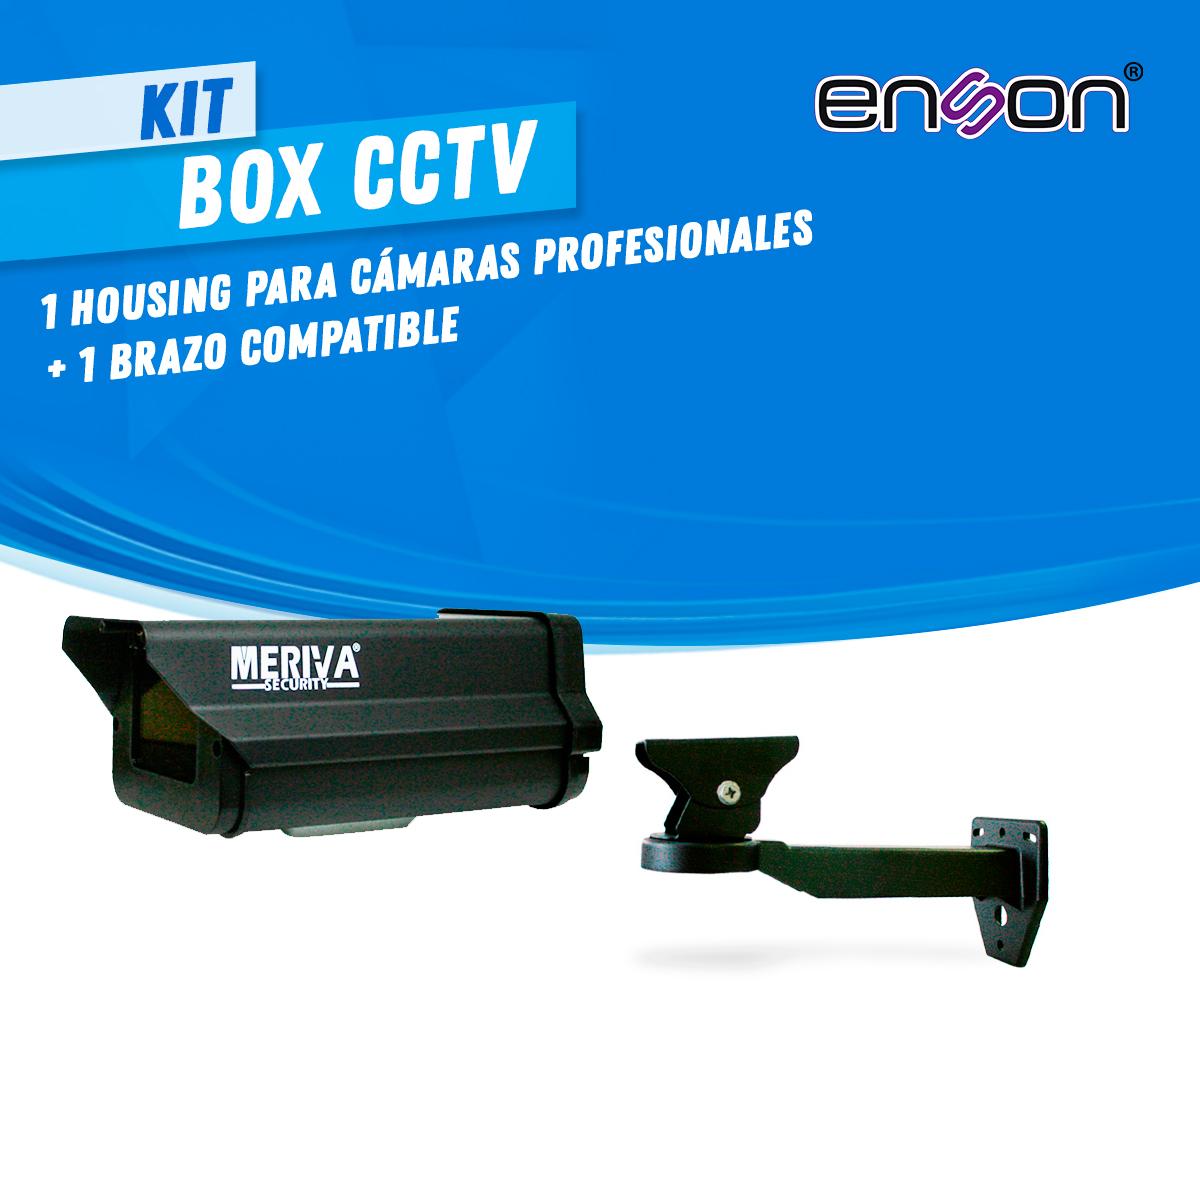 code HC111MER07-K1